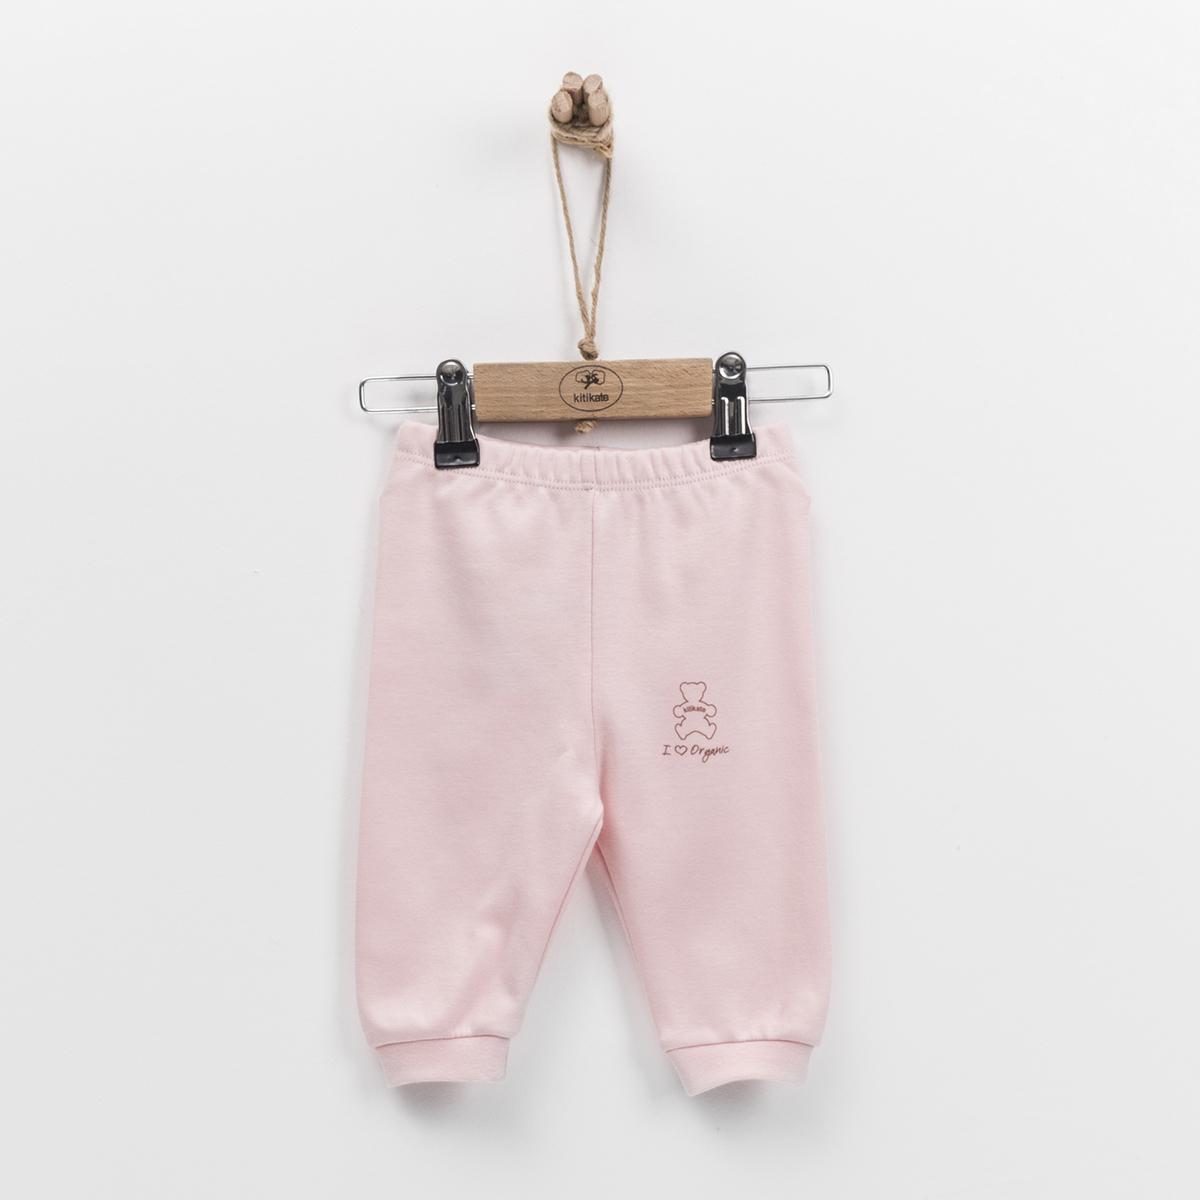 嬰兒有機棉長褲 (粉紅色)-50cm (0-1M)